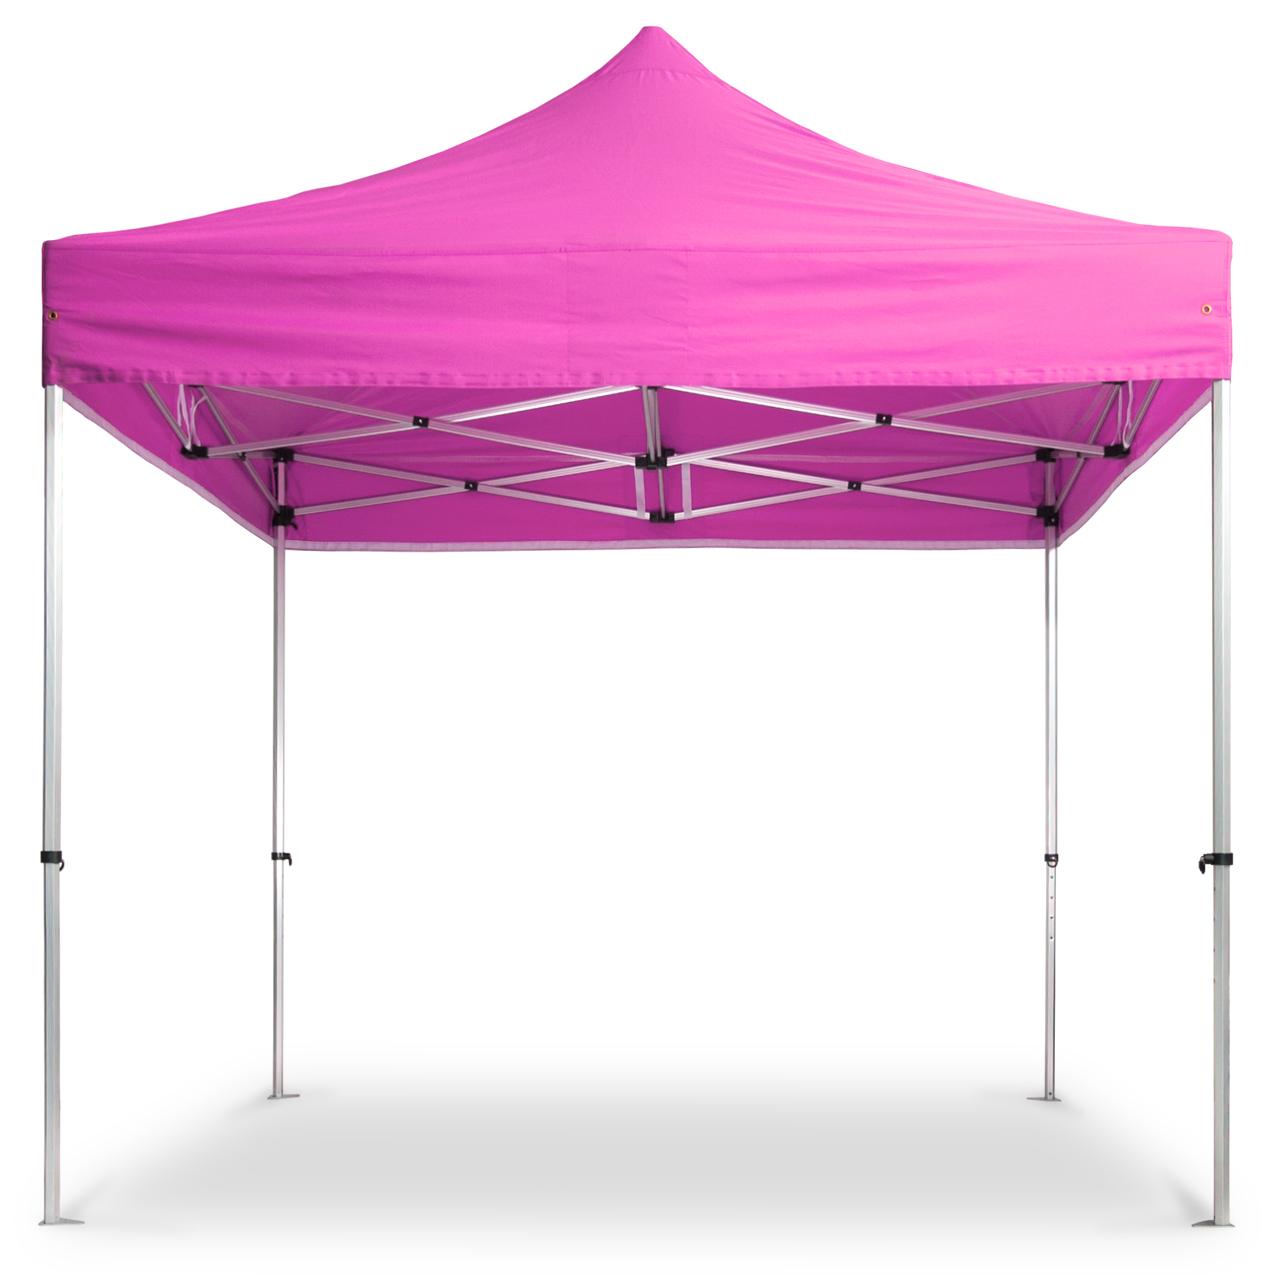 duratent faltpavillon hexa40 3x3m pink 3x3 meter faltpavillons faltpavillon profi. Black Bedroom Furniture Sets. Home Design Ideas